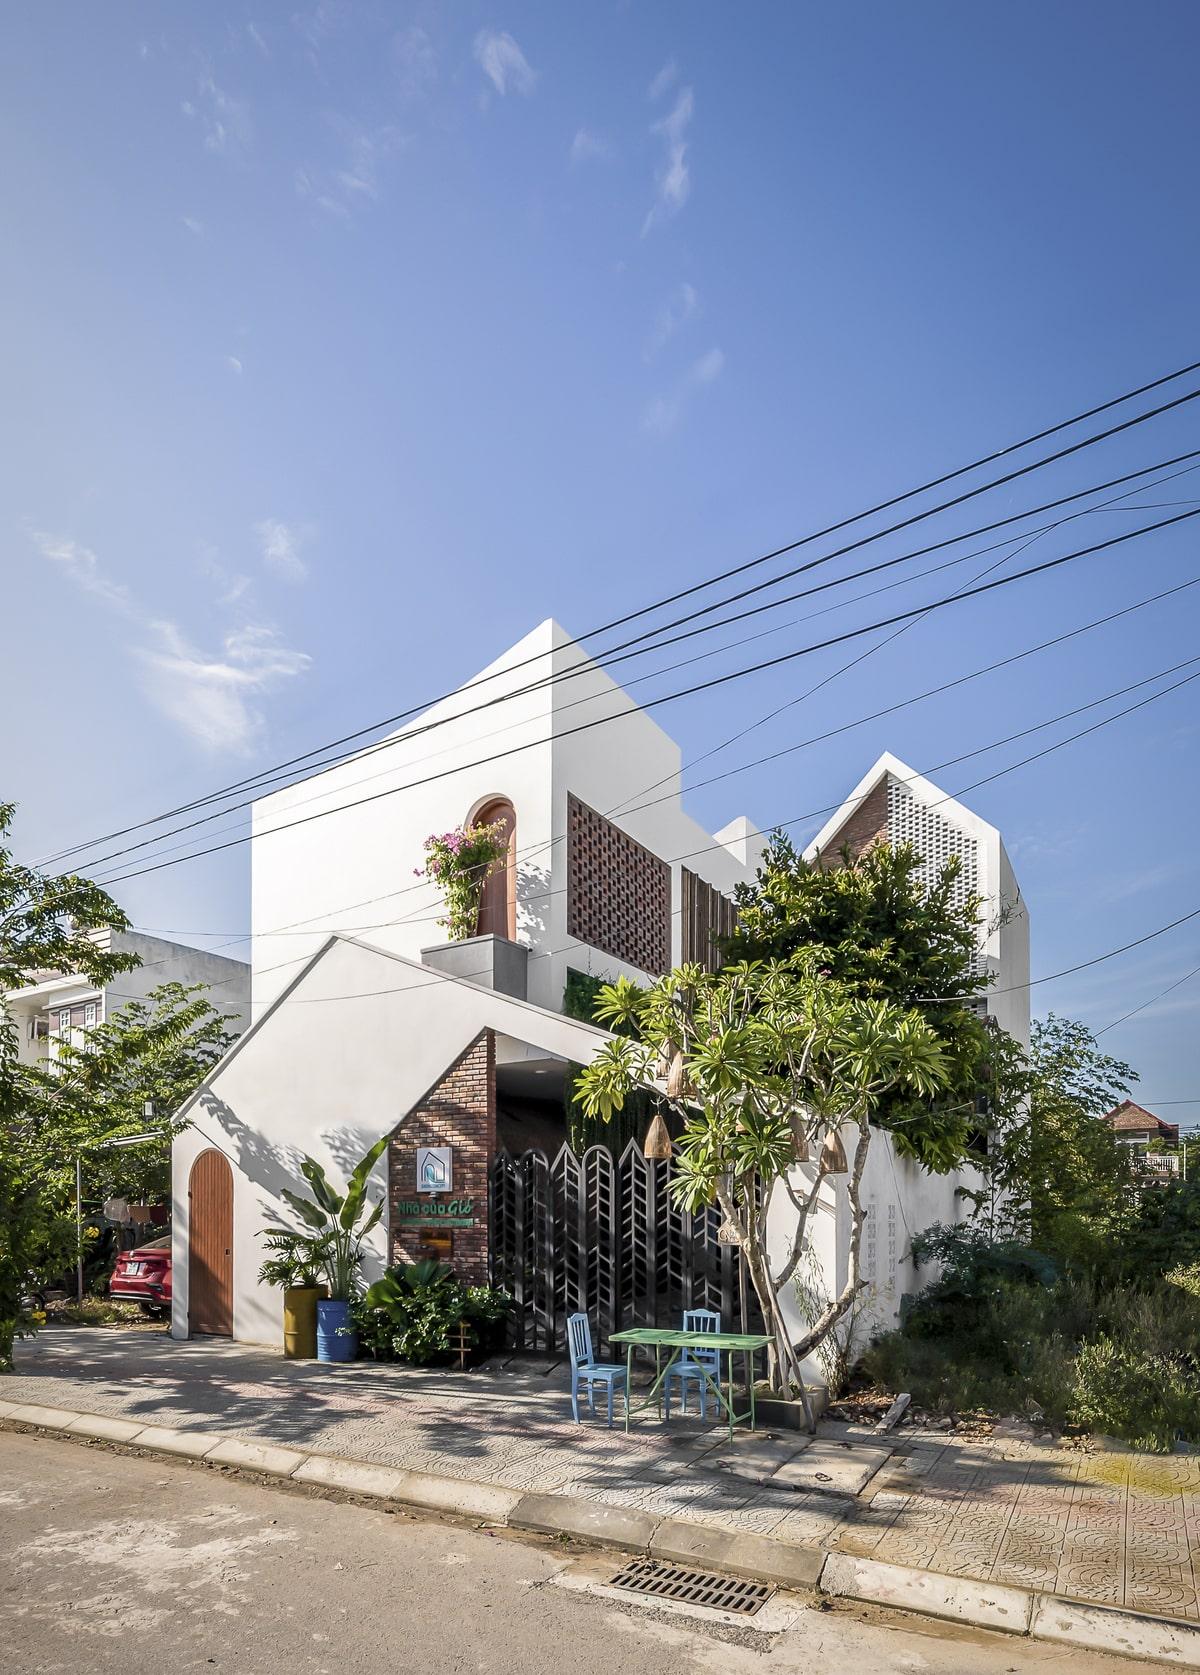 Mái nhà được thiết kế vuốt cong gợi hình tượng những cơn gió.